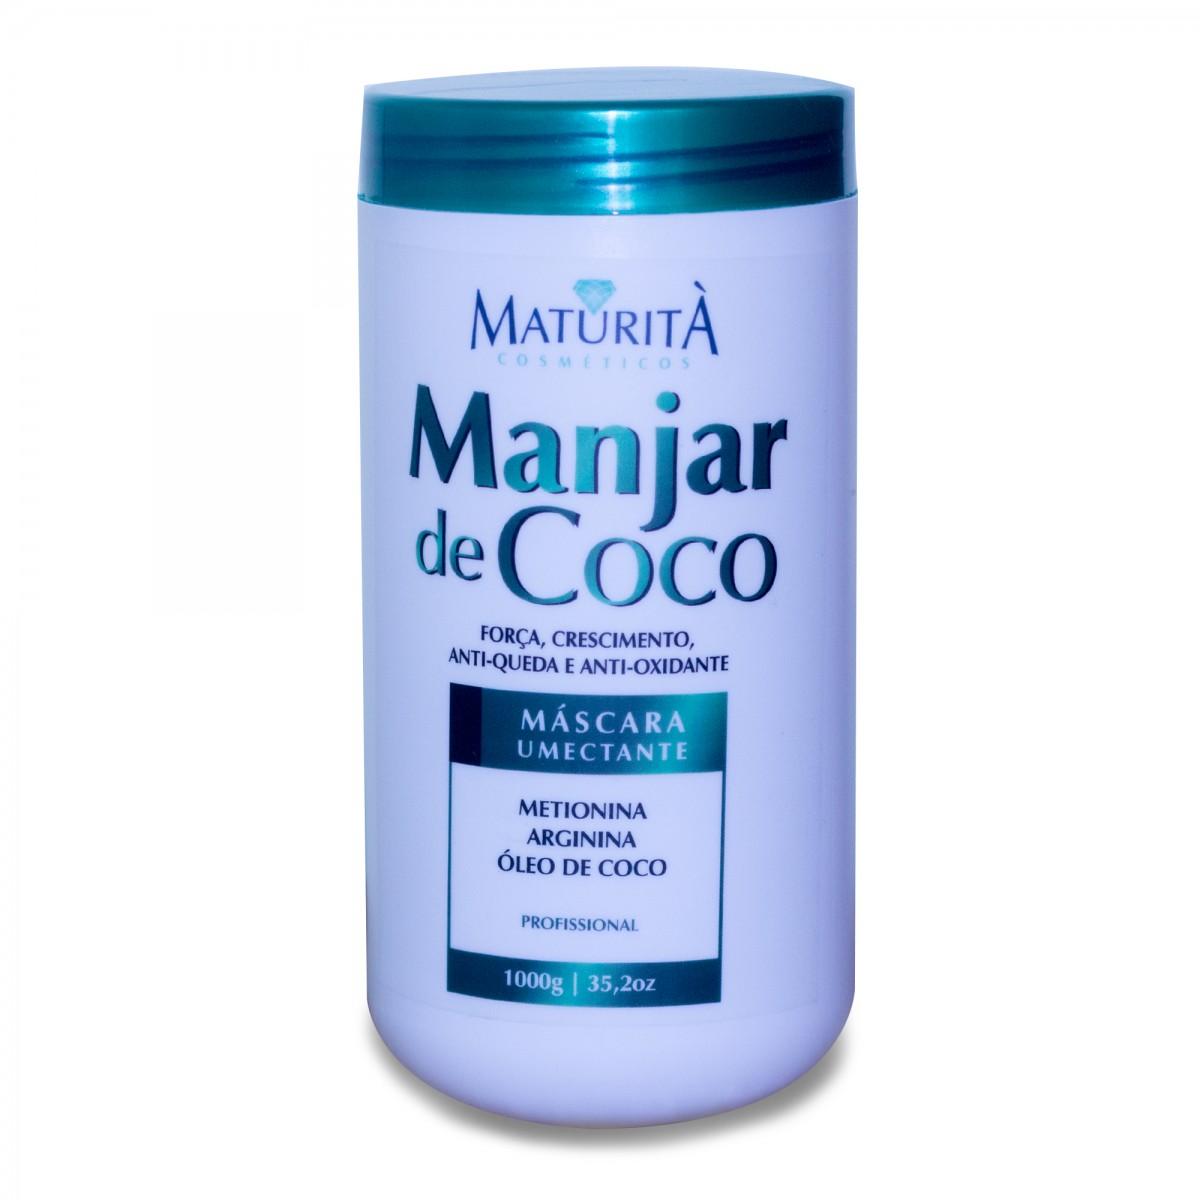 Foto 1 - Máscara Manjar De Coco - Maturita 1kg